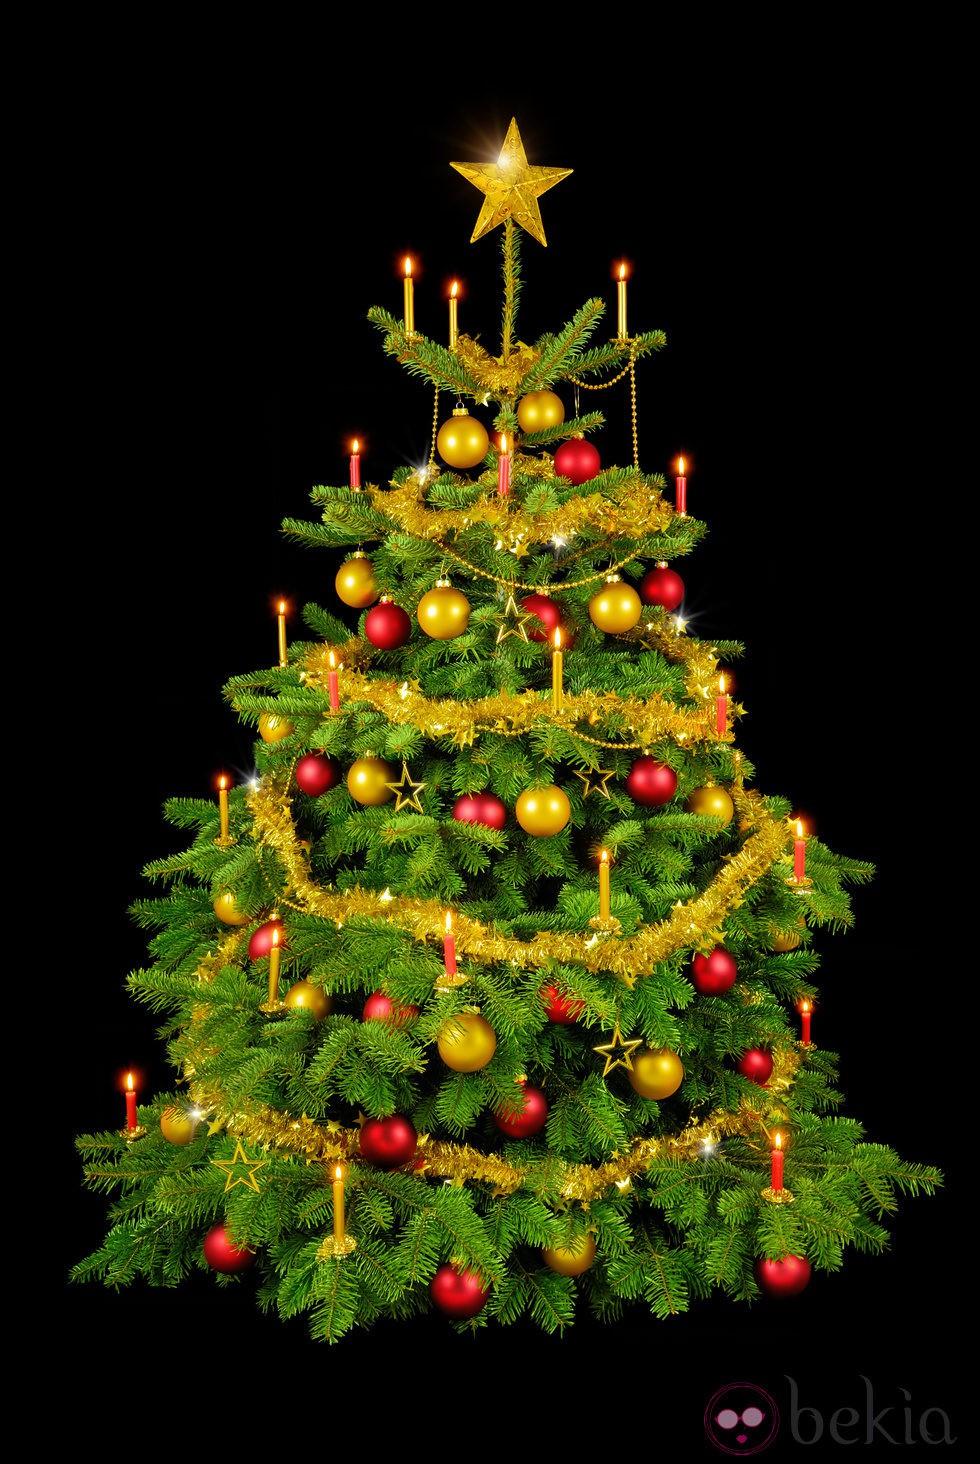 Rbol de navidad decorado con adornos dorados y rojos ideas para decorar el rbol de navidad en - Arbol de navidad abeto ...